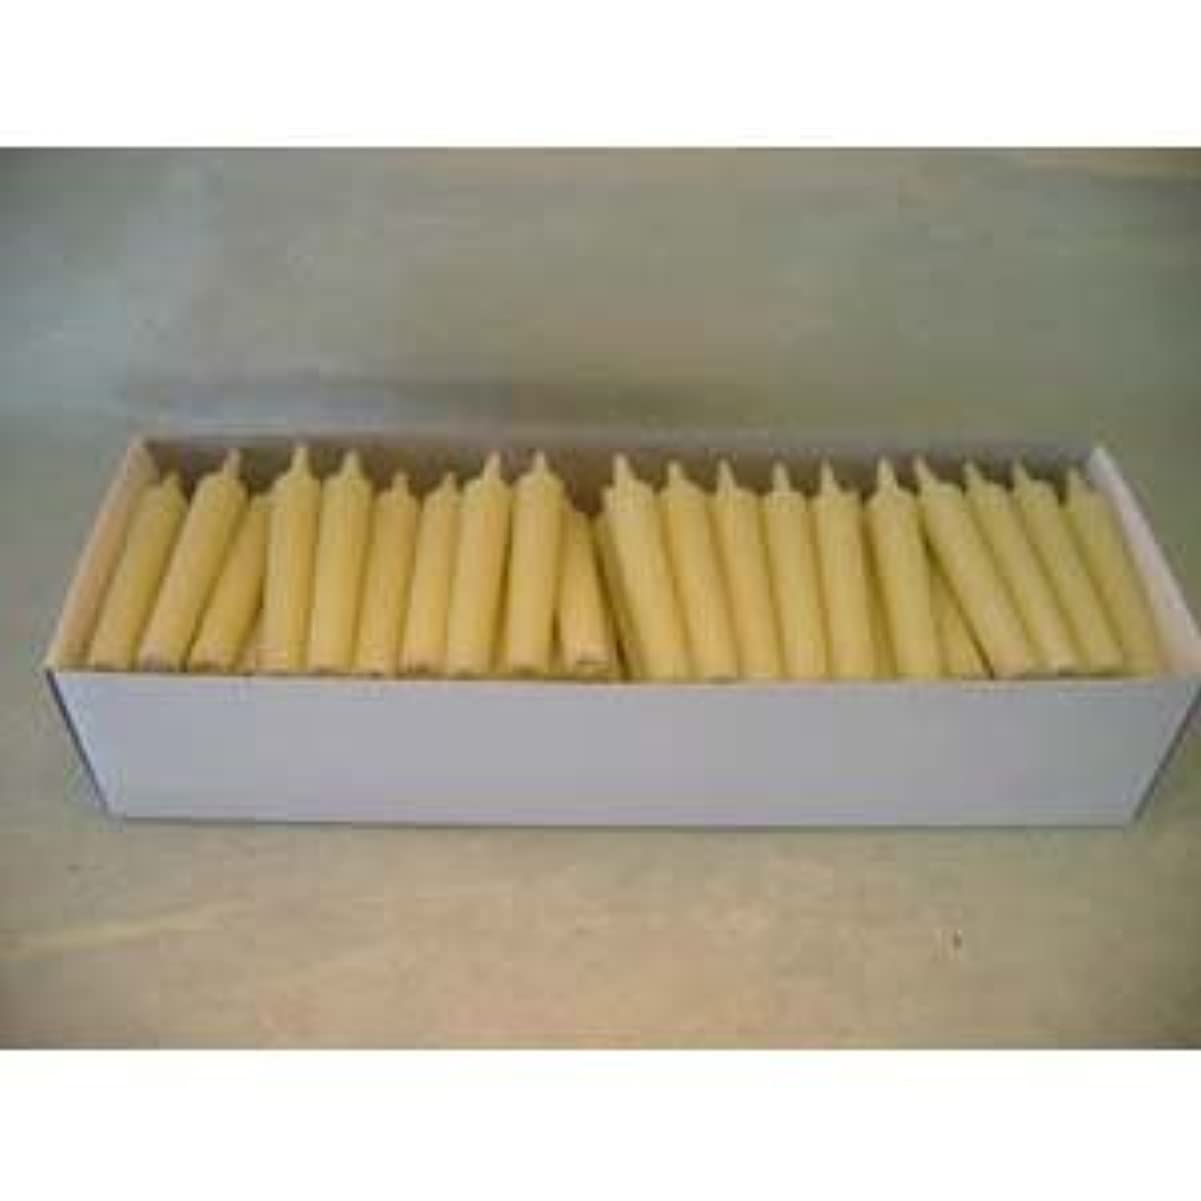 技術的なドラッグふざけた和ろうそく 型和蝋燭 ローソク 豆型 棒タイプ 白 100本入り